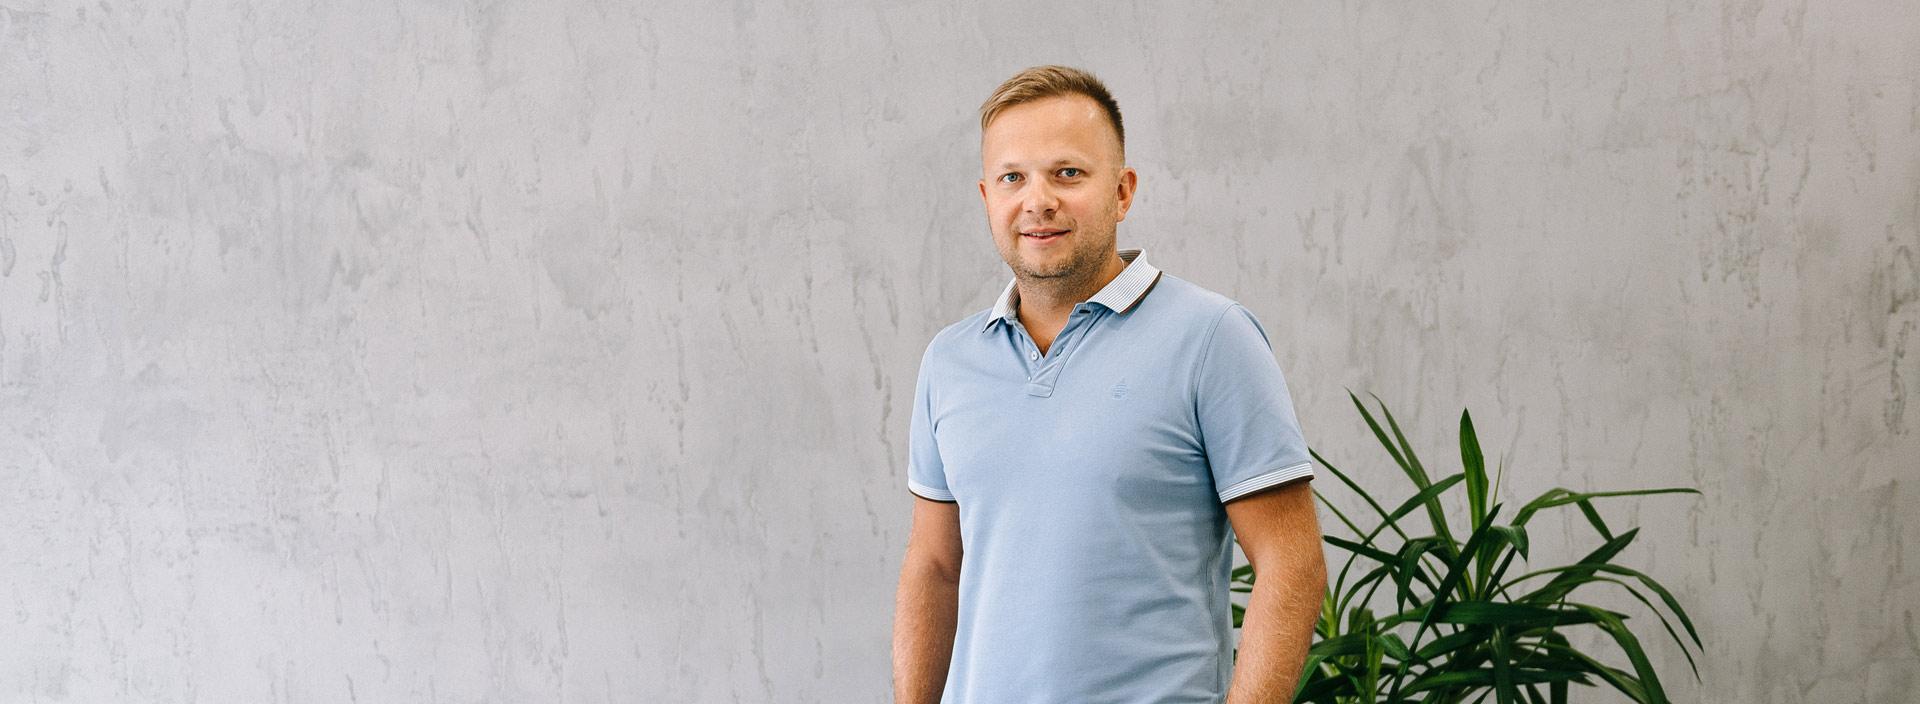 «Мы працюємо в червоному океані, але завжди шукаємо блакитний»: інтерв'ю з СЕО телеком-оператора GigaTrans Назарієм Курочко